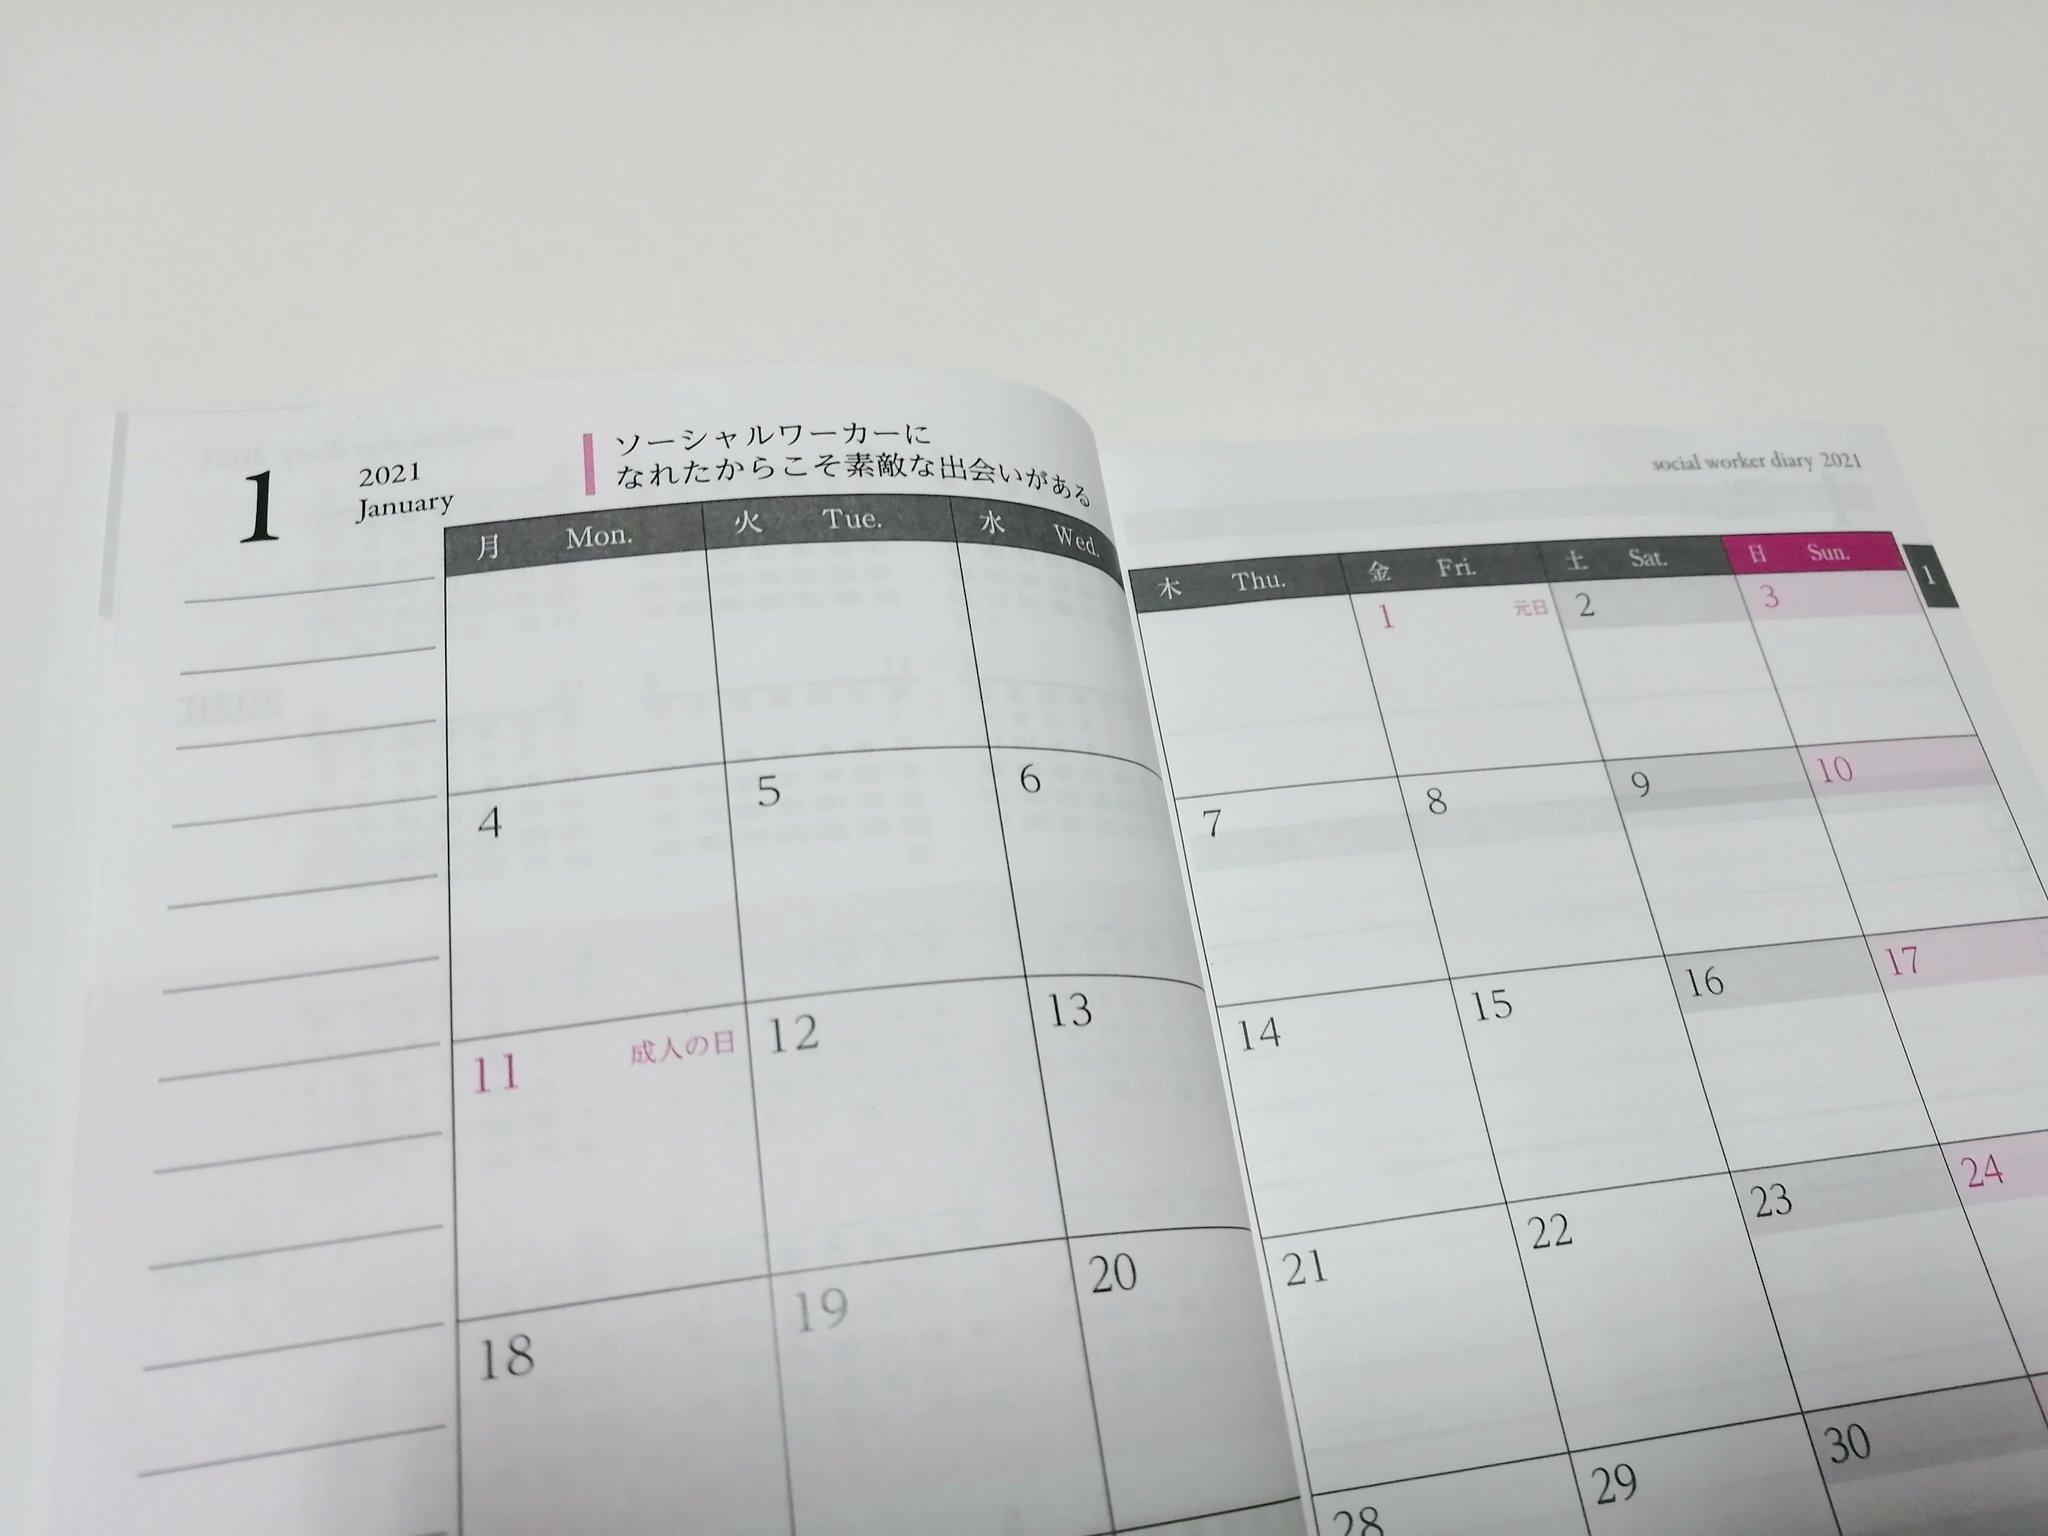 ソーシャルワーカー手帳 月間ダイアリー